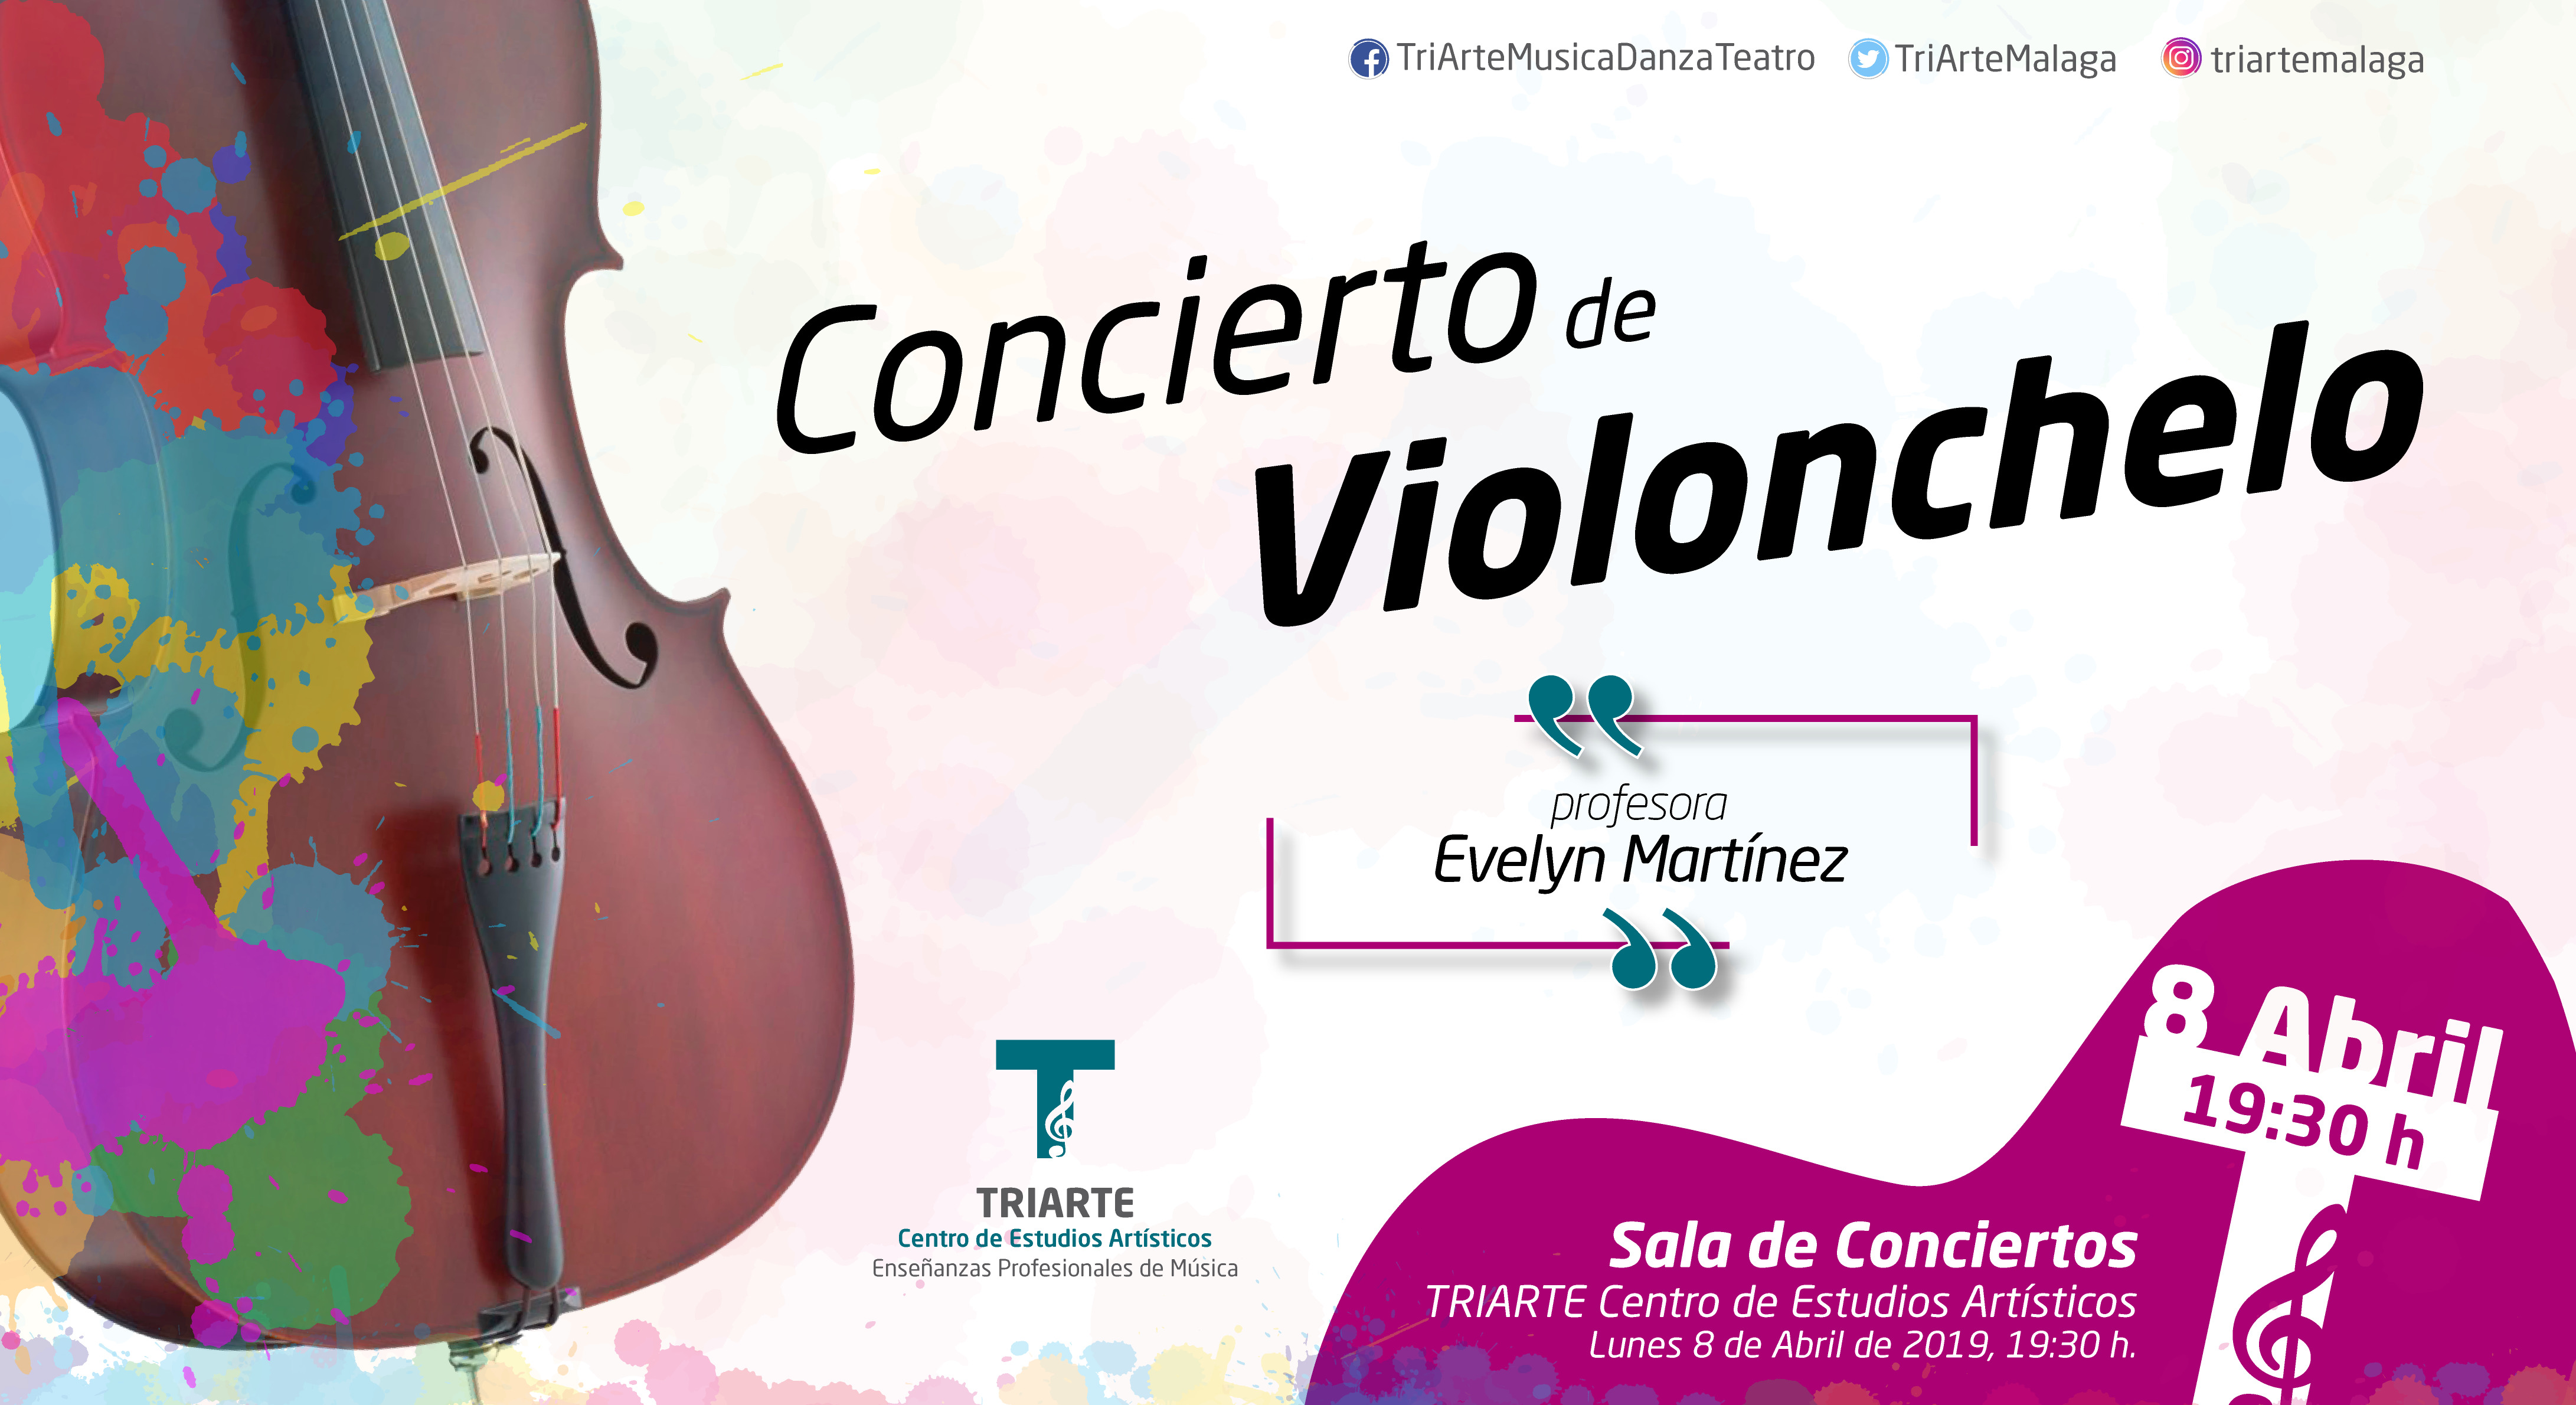 Concierto de Violonchelo. Alumnos de Evelyn Martínez. Abril 2019.